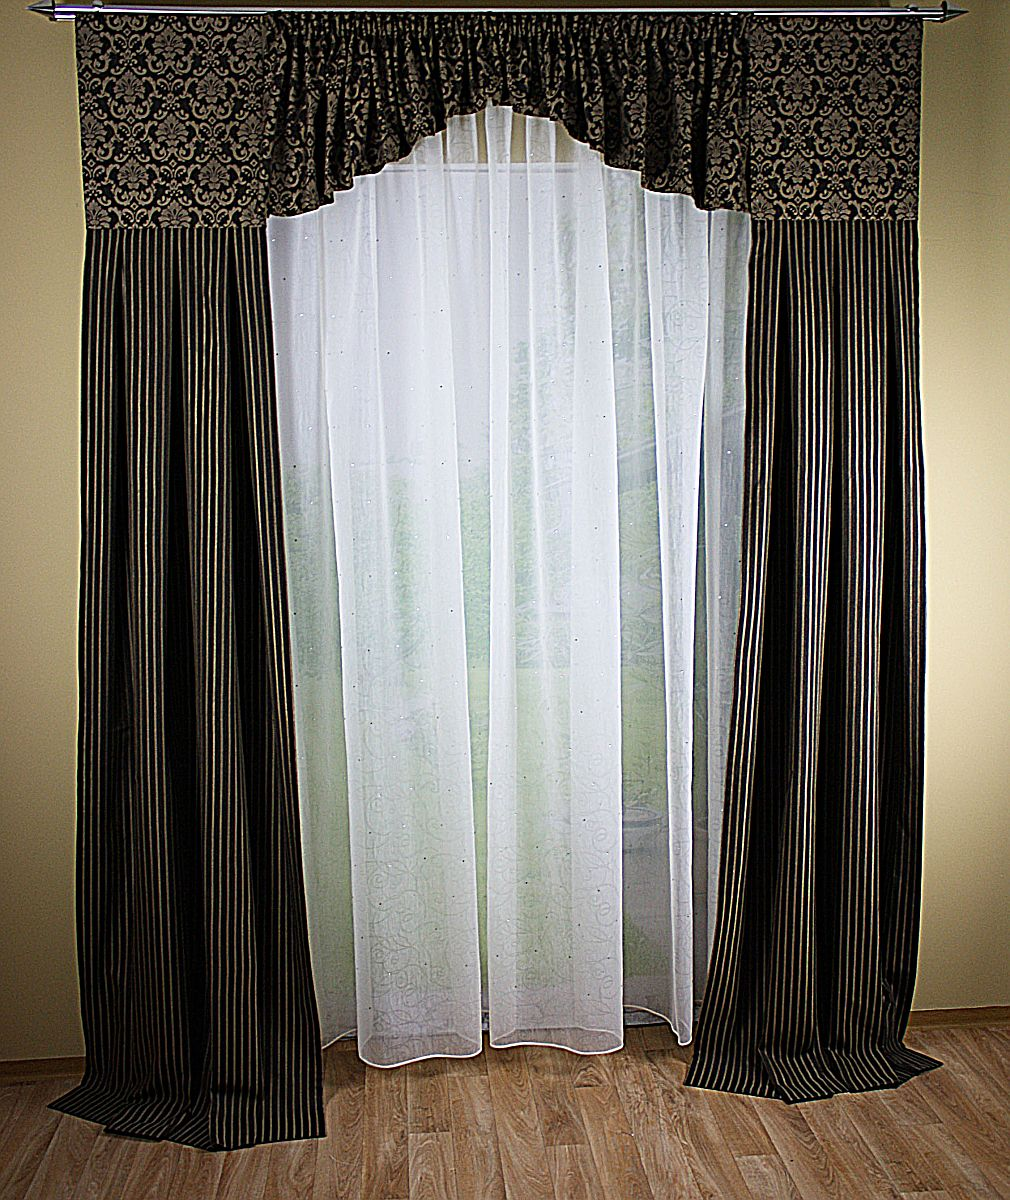 Full Size of Fenster Deko Aus Jacquard Mit Querbehang Gardinen Decowunder Für Die Küche Scheibengardinen Bogenlampe Esstisch Wohnzimmer Schlafzimmer Wohnzimmer Bogen Gardinen